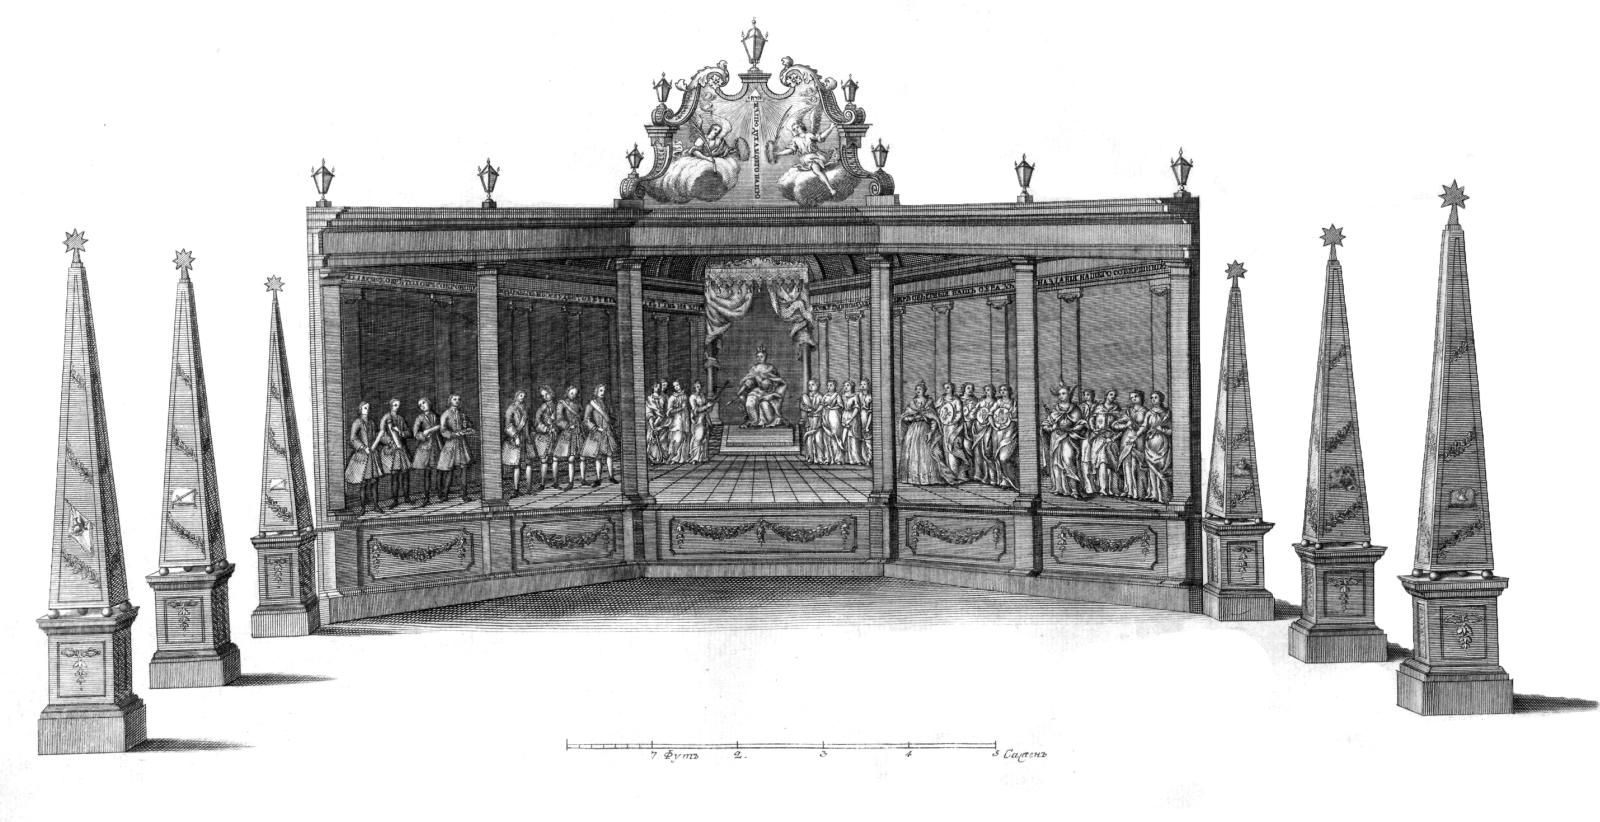 51. Г.А. Качалов. № 46. Иллюминация, бывшая в Потешном дворце. 1744 Резец, офорт. 25,7 х 41,5